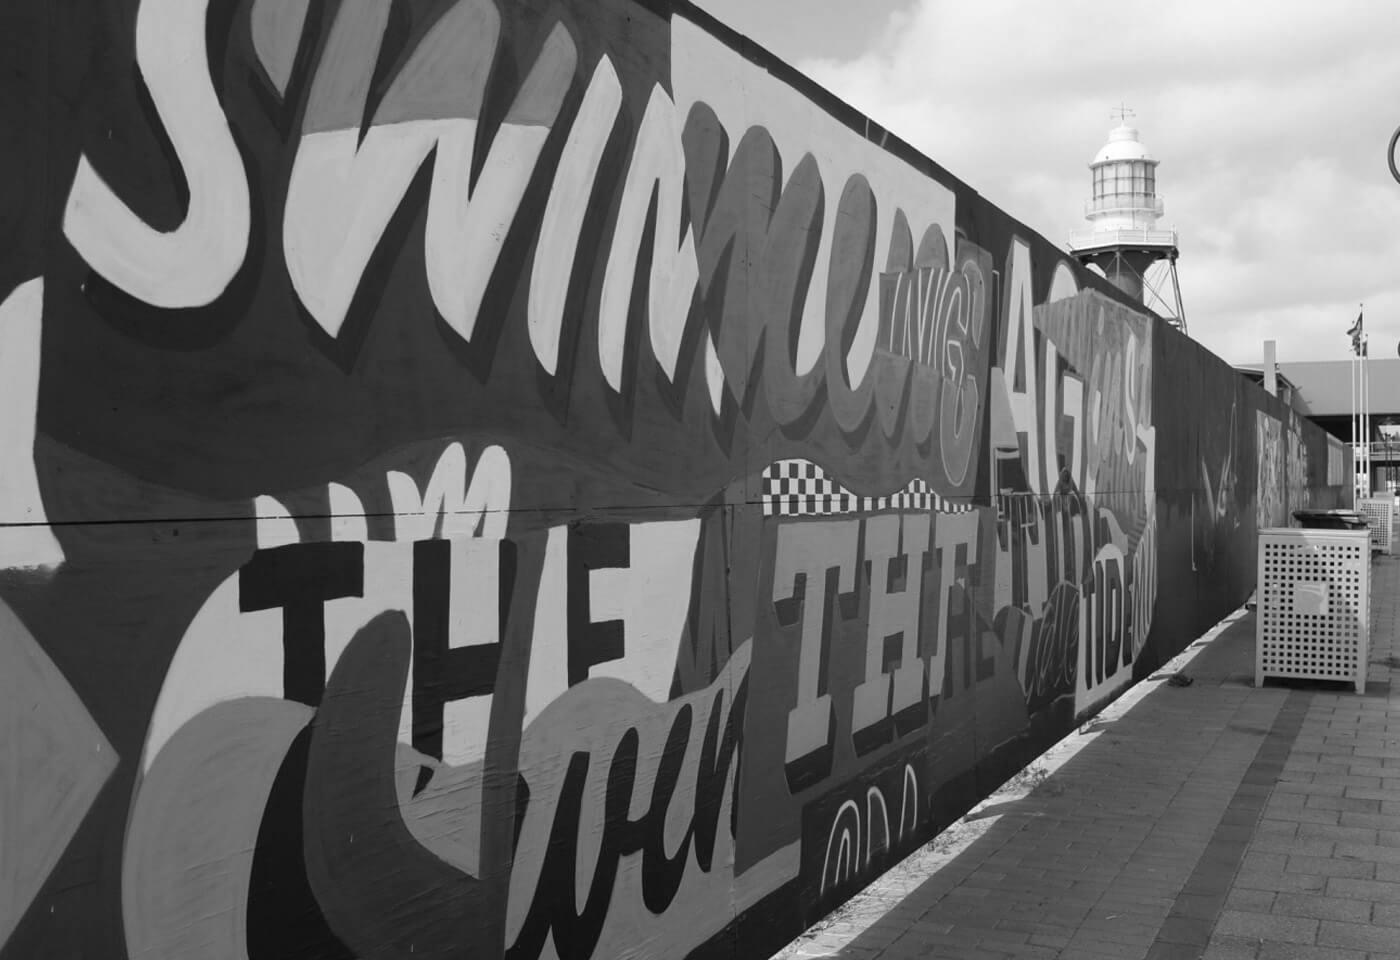 Landscape image of street art